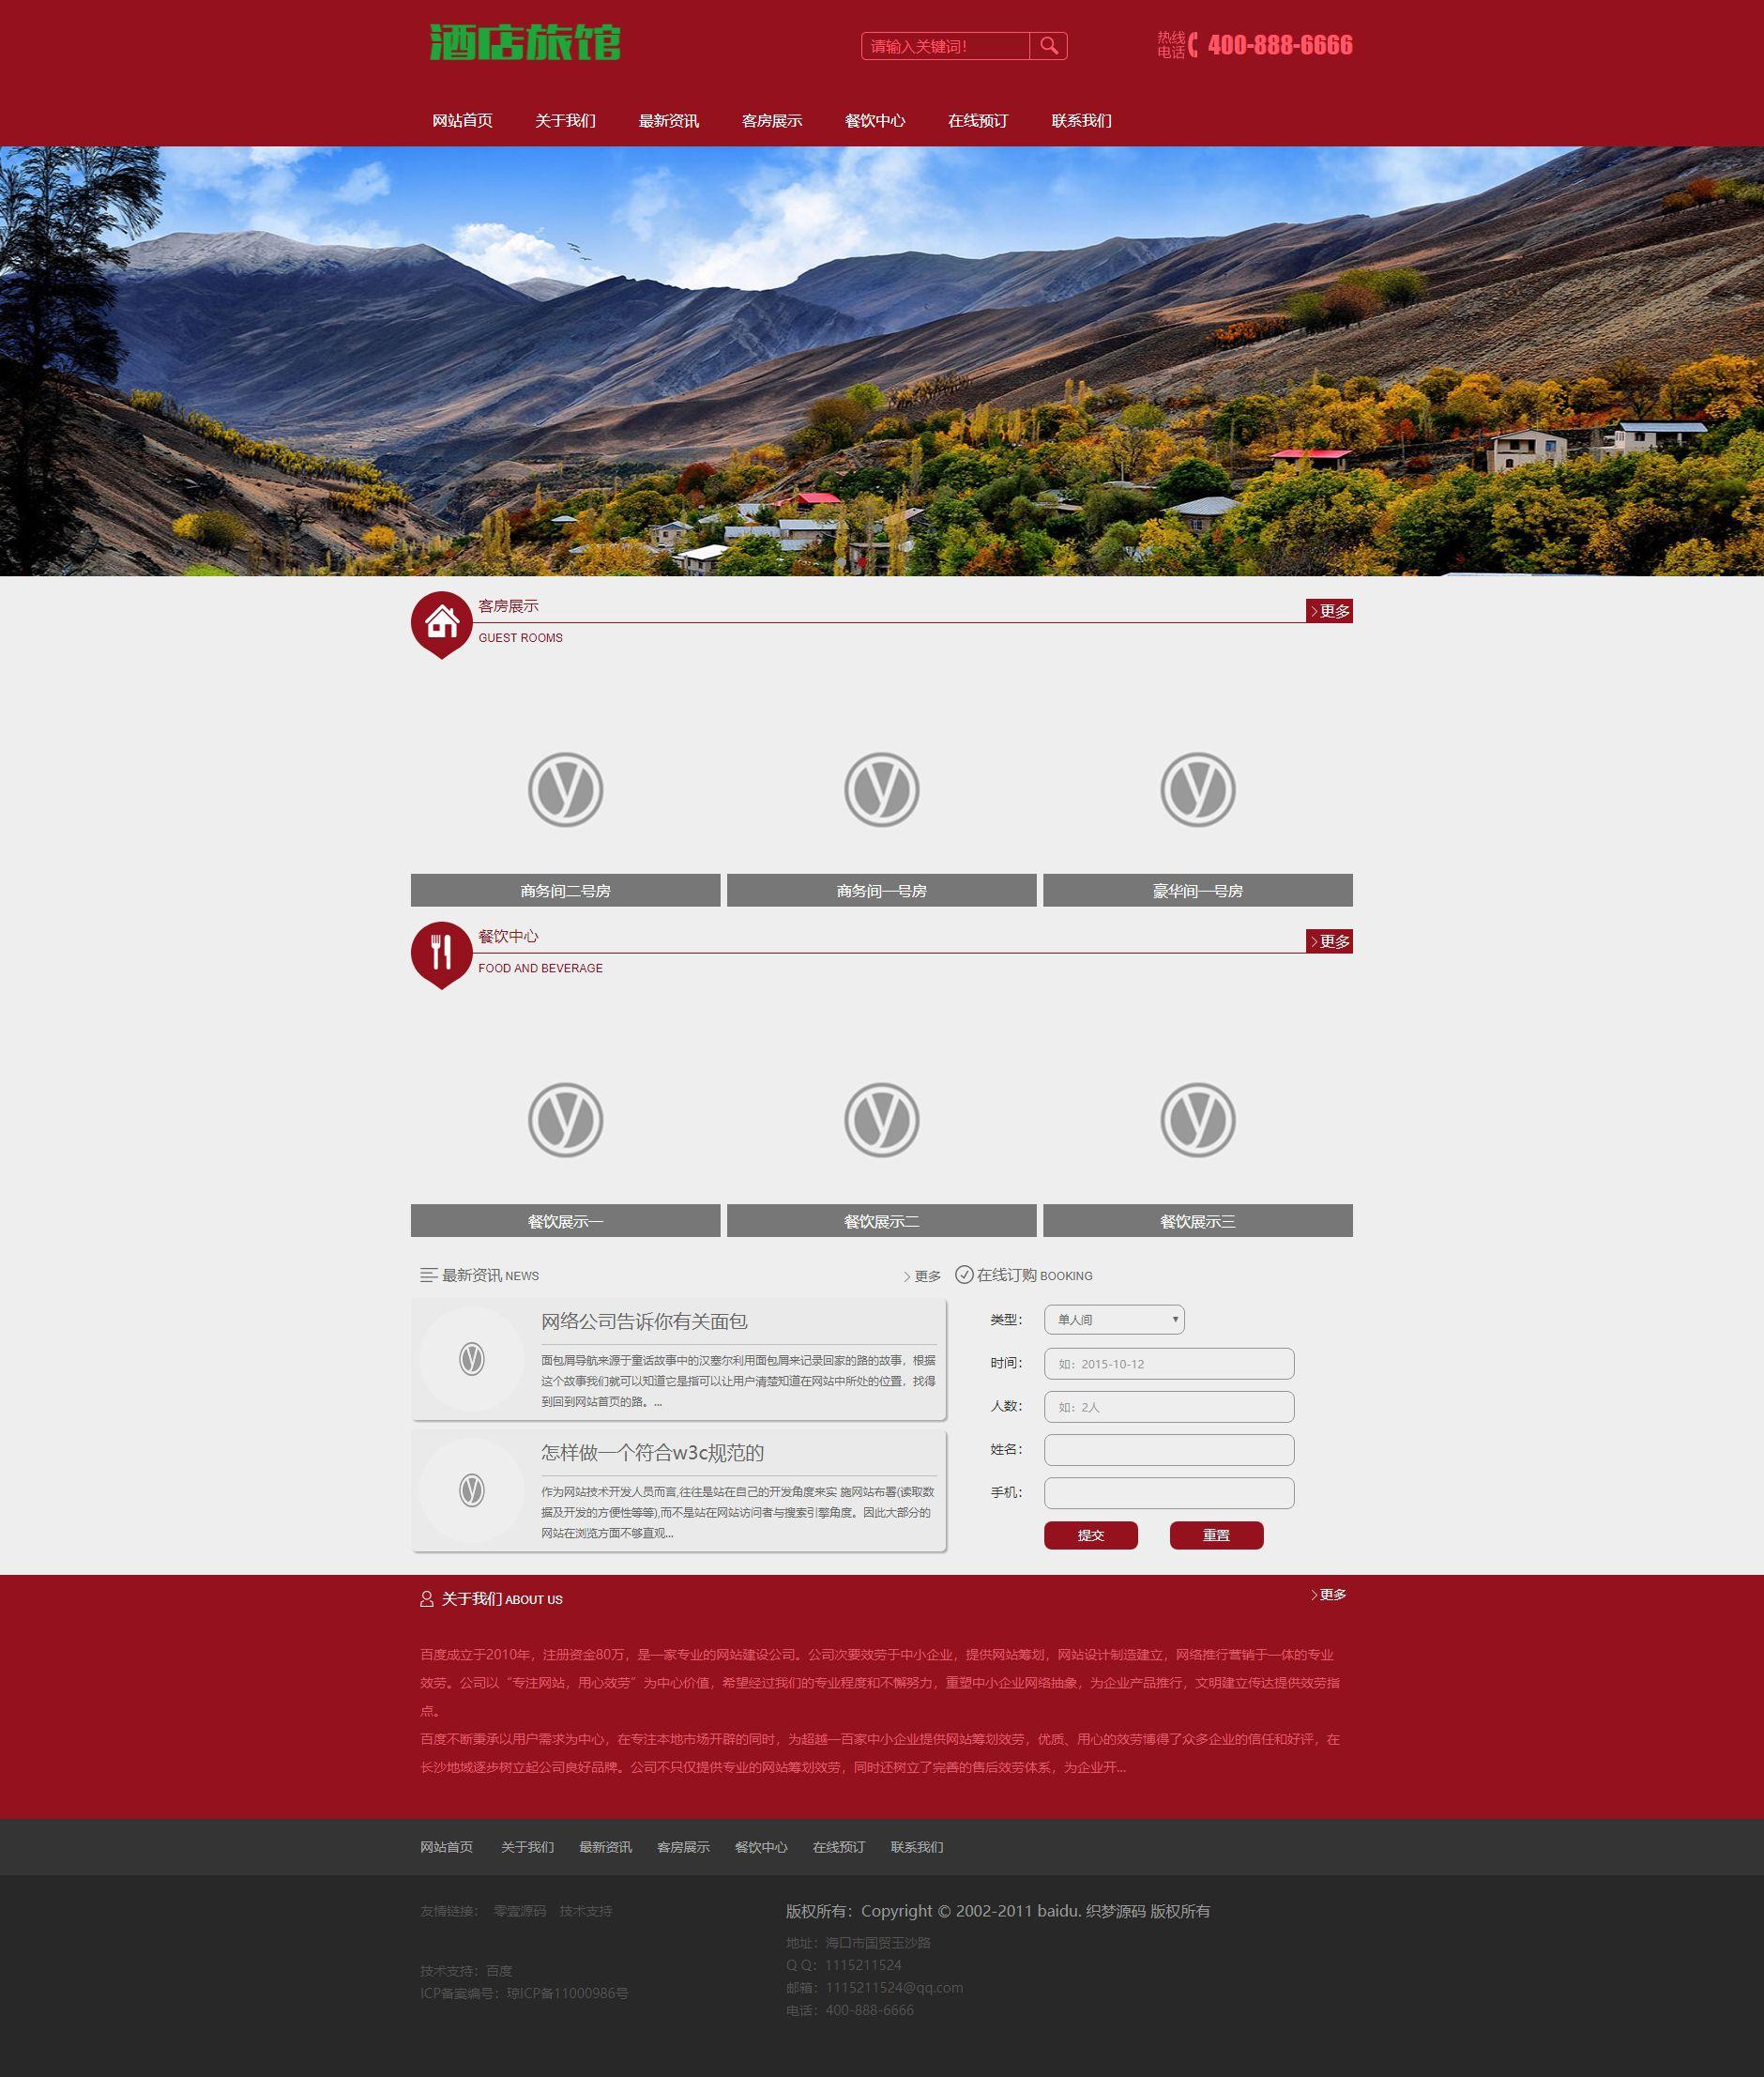 红色酒店旅馆餐饮类网站织梦dedecms模板